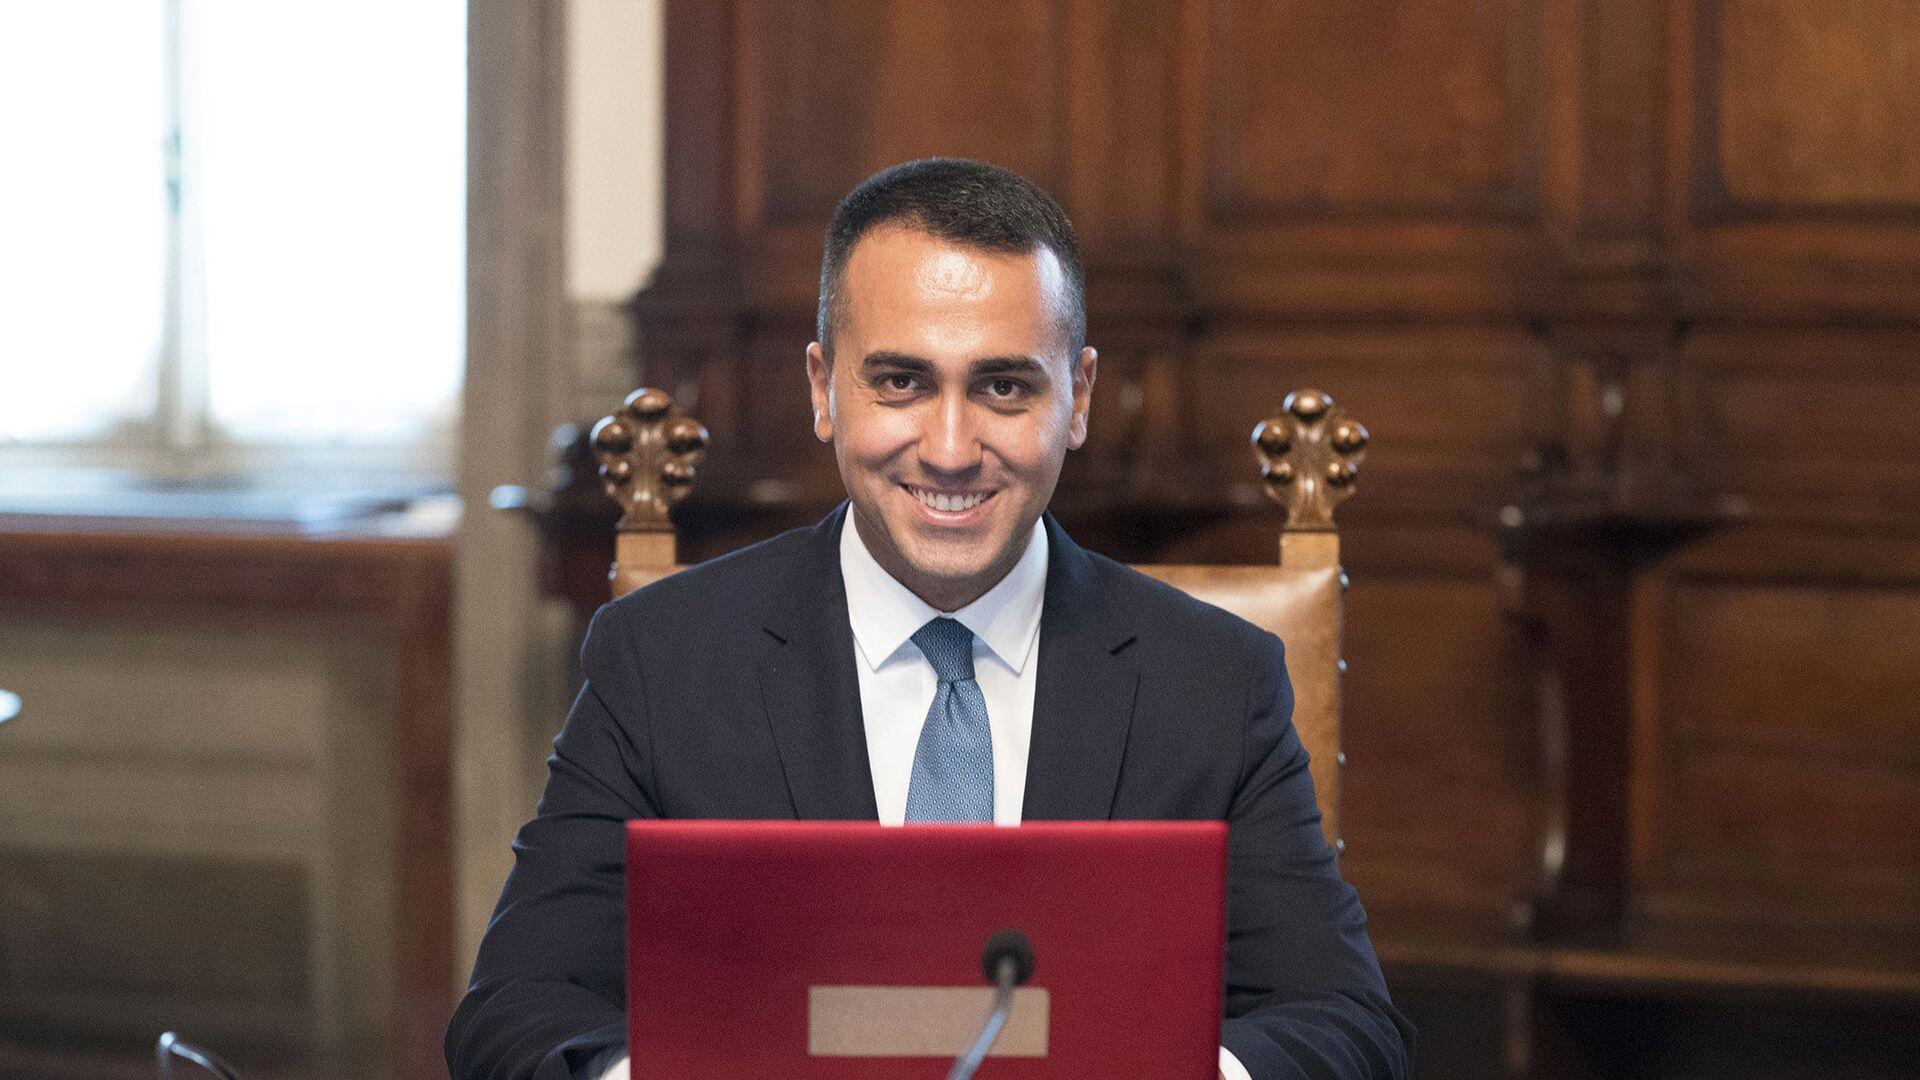 Il Ministro degli Affari Esteri e della Cooperazione Internazionale, Luigi Di Maio - Sputnik Italia, 1920, 05.05.2021